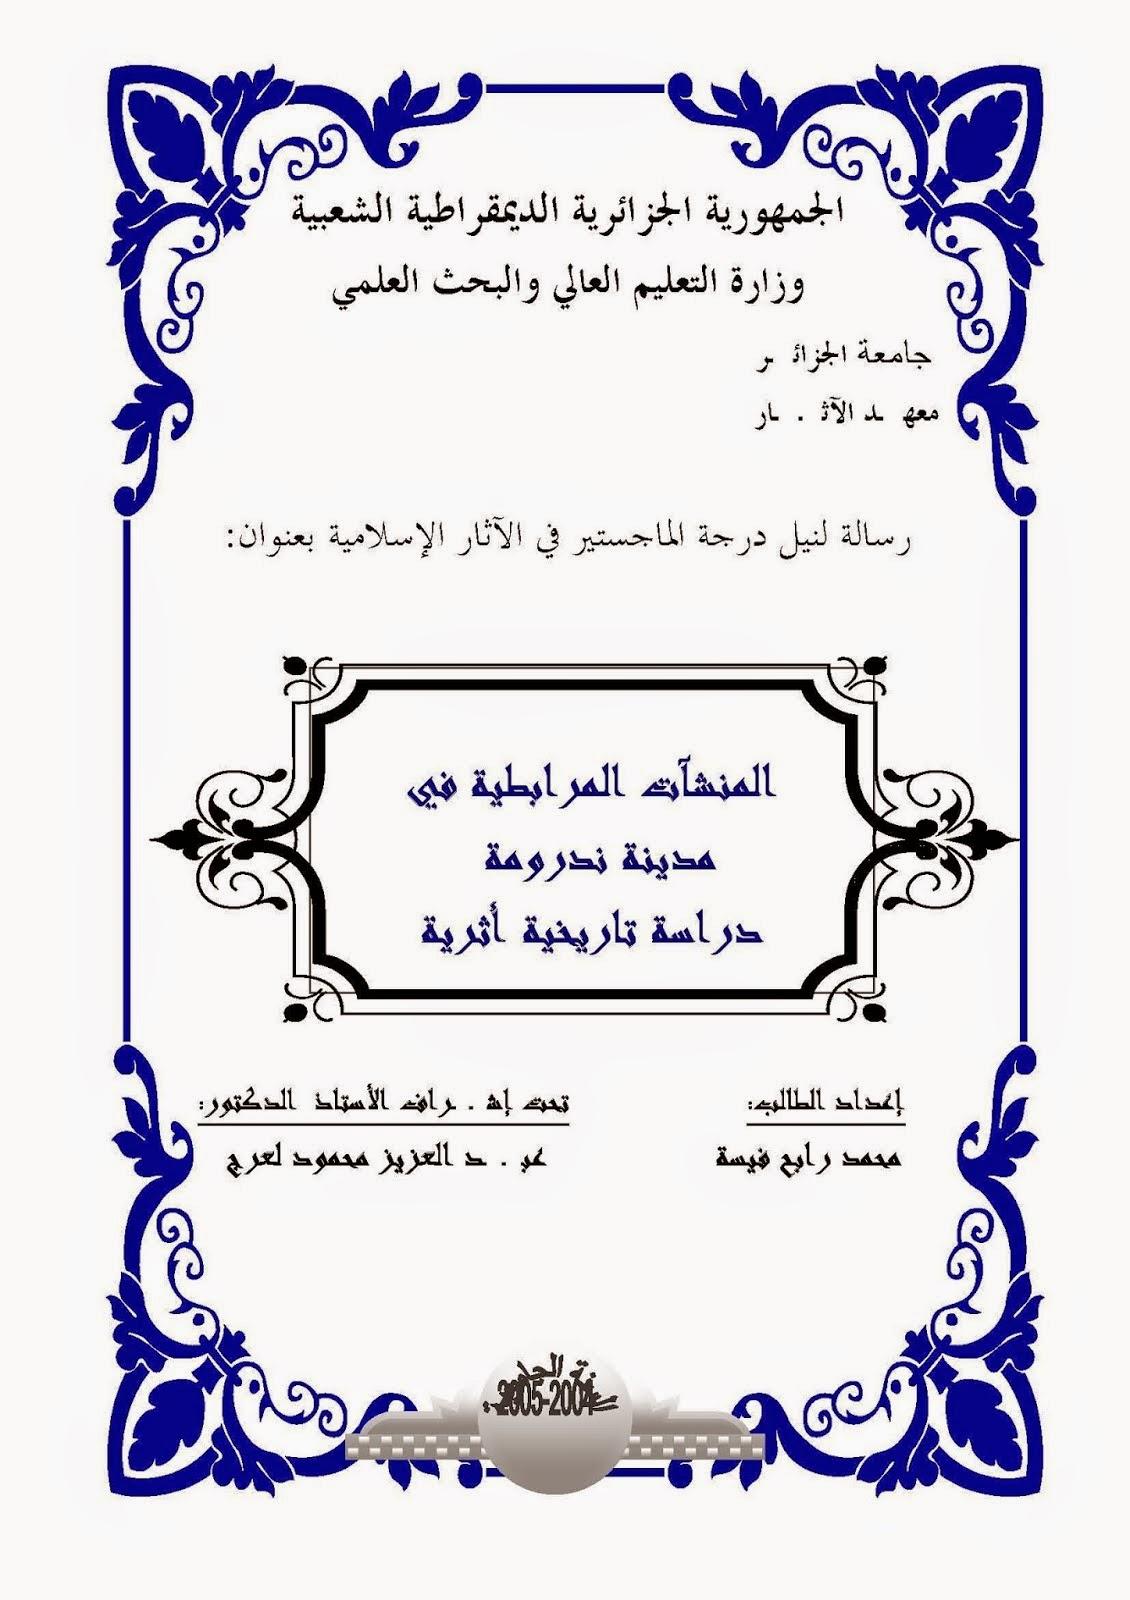 المنشآت المرابطية في مدينة ندرومة لـ محمد رابح فيسة